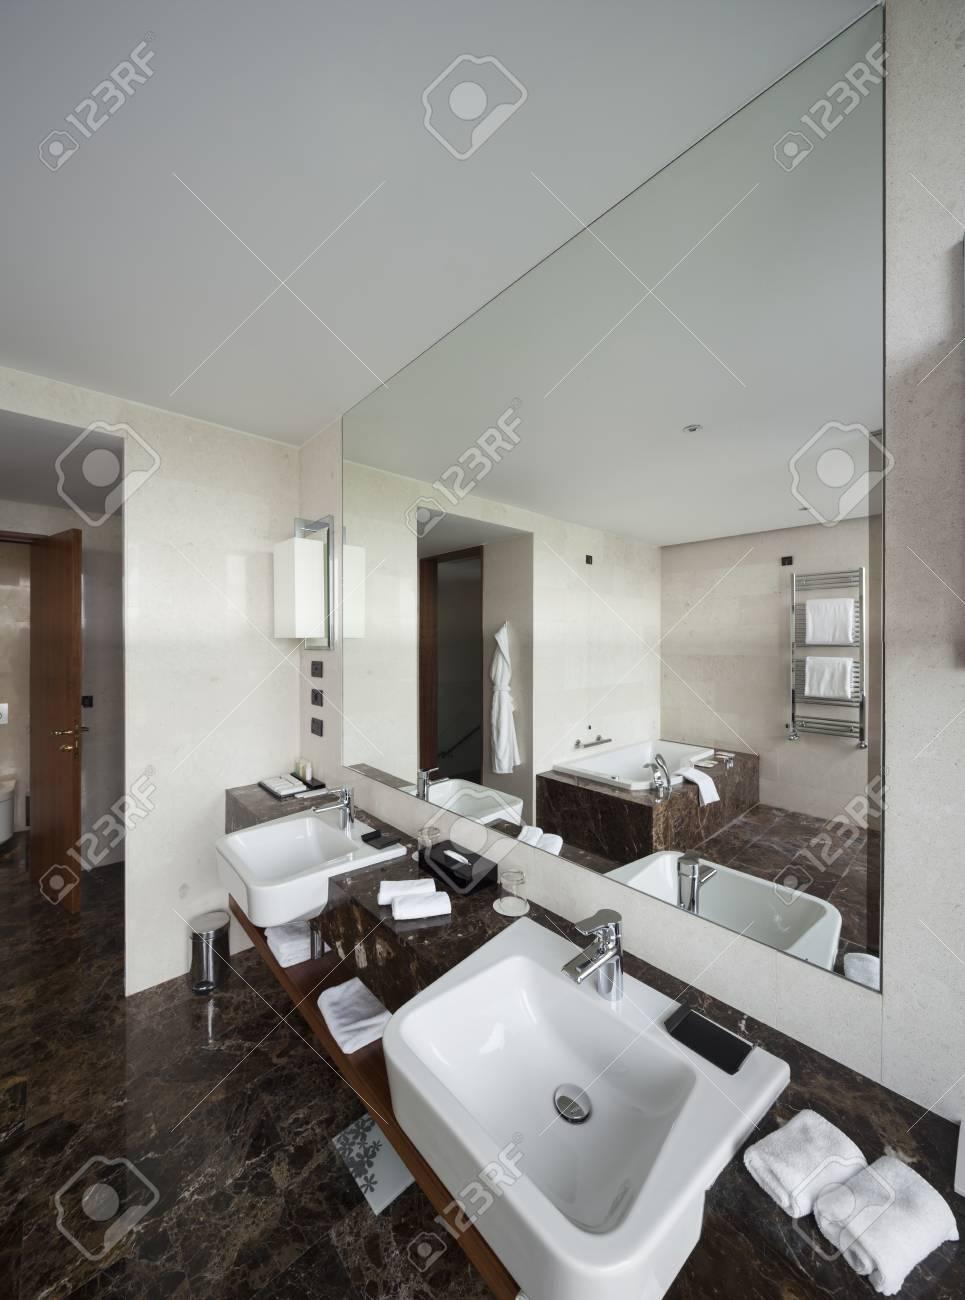 Moderne Badezimmer Interieur Mit Doppel Waschbecken Und Große Spiegel,  Badewanne, Fliesen, Sichtfenster